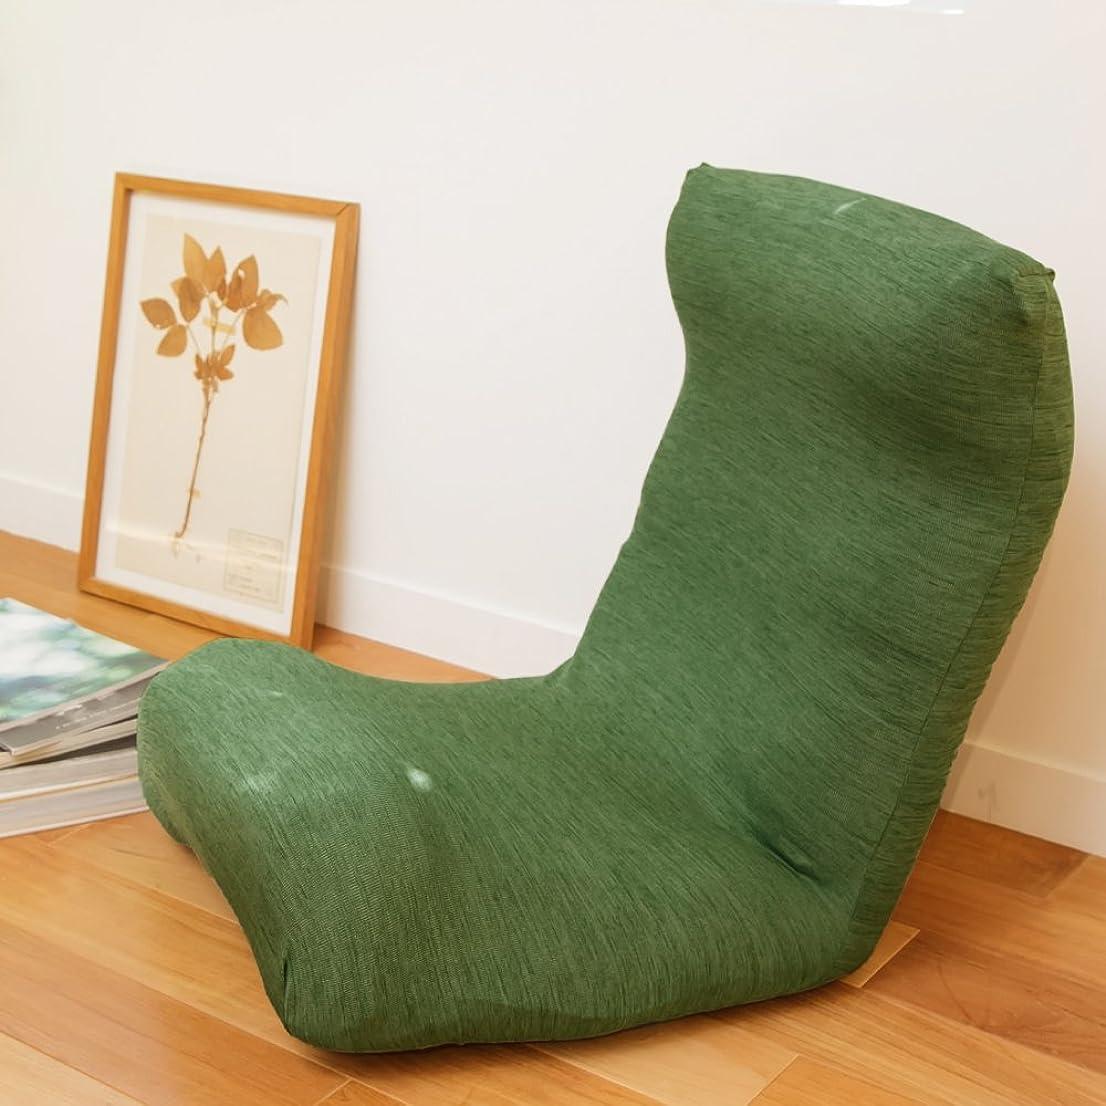 ヨーグルト拘束気質窓美人 ラッキークローバー 伸縮 座椅子カバー チェアカバー リーフグリーン 伸縮自在でしっかりフィット 撥水 防汚 洗濯可